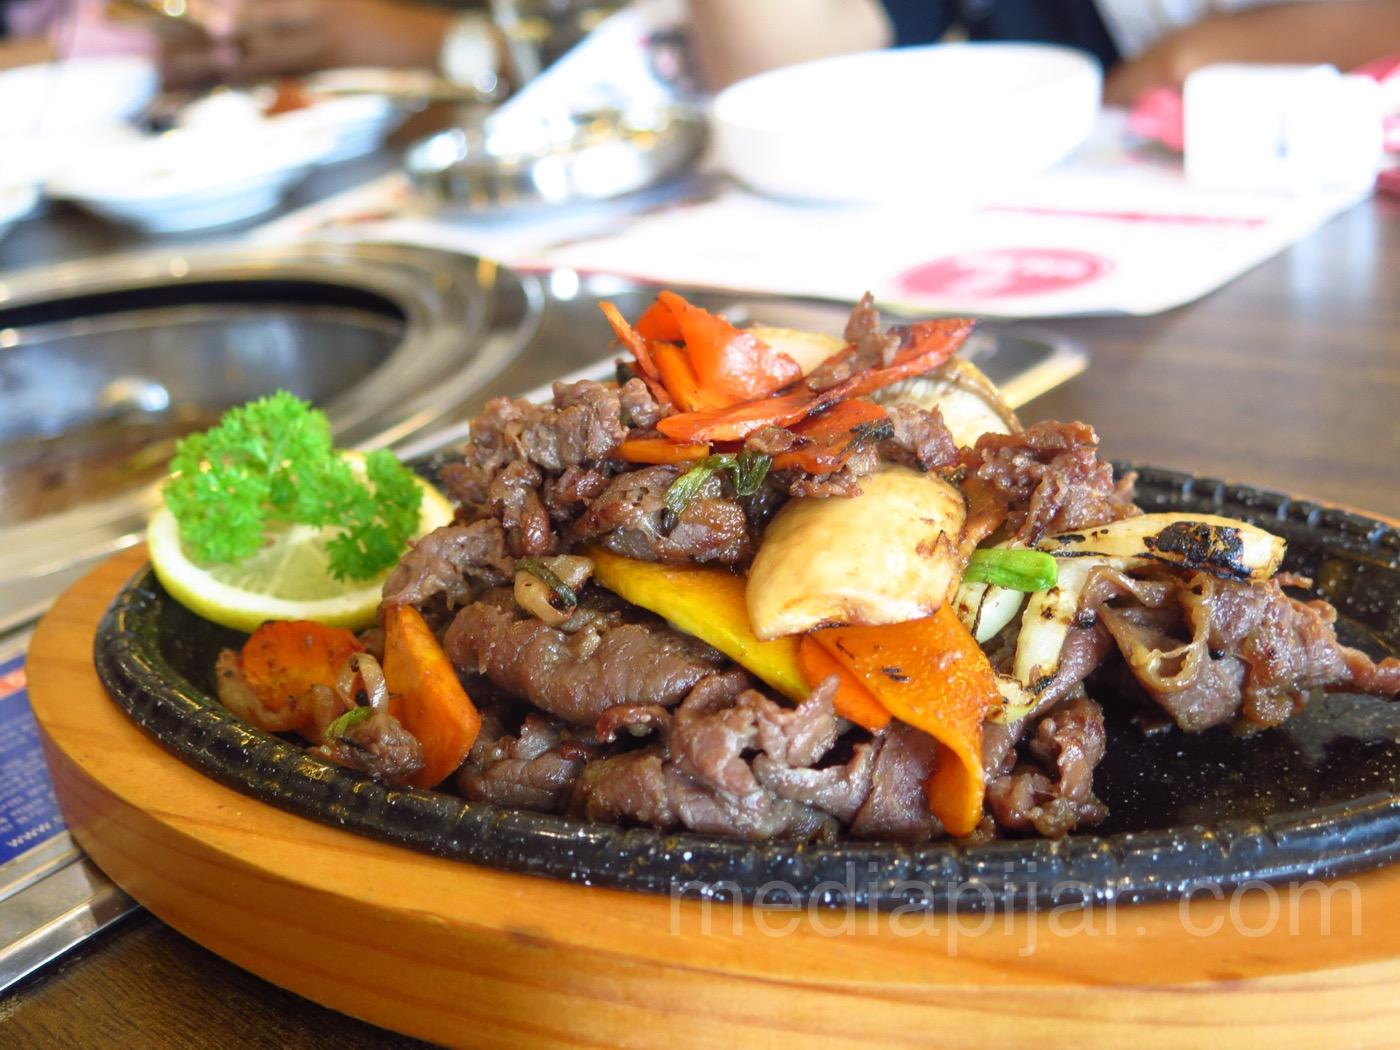 Salah satu menu makanan dari Daebak Cafe (Fotografer: Frans Dicky)